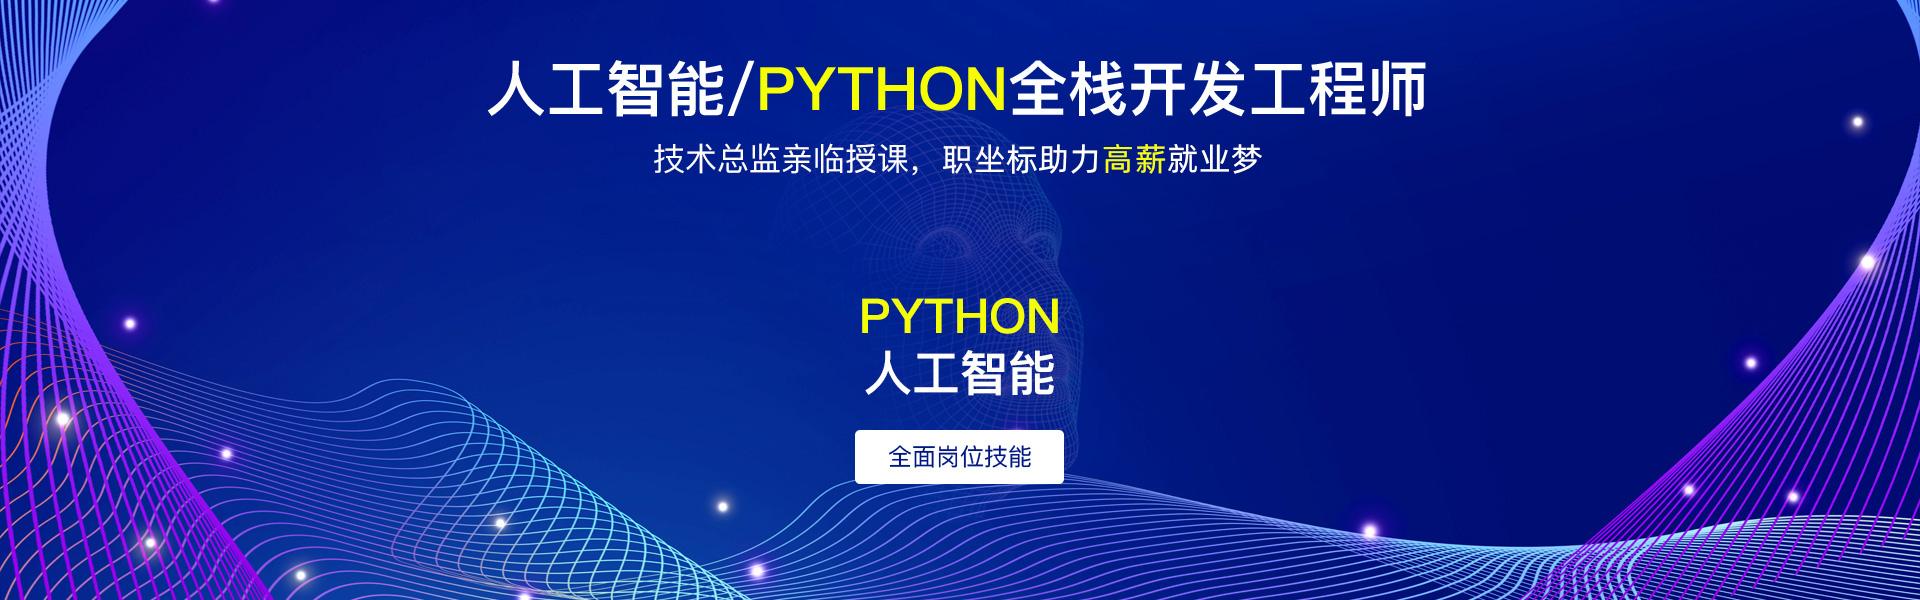 人工智能/PYTHON全栈开发工程师